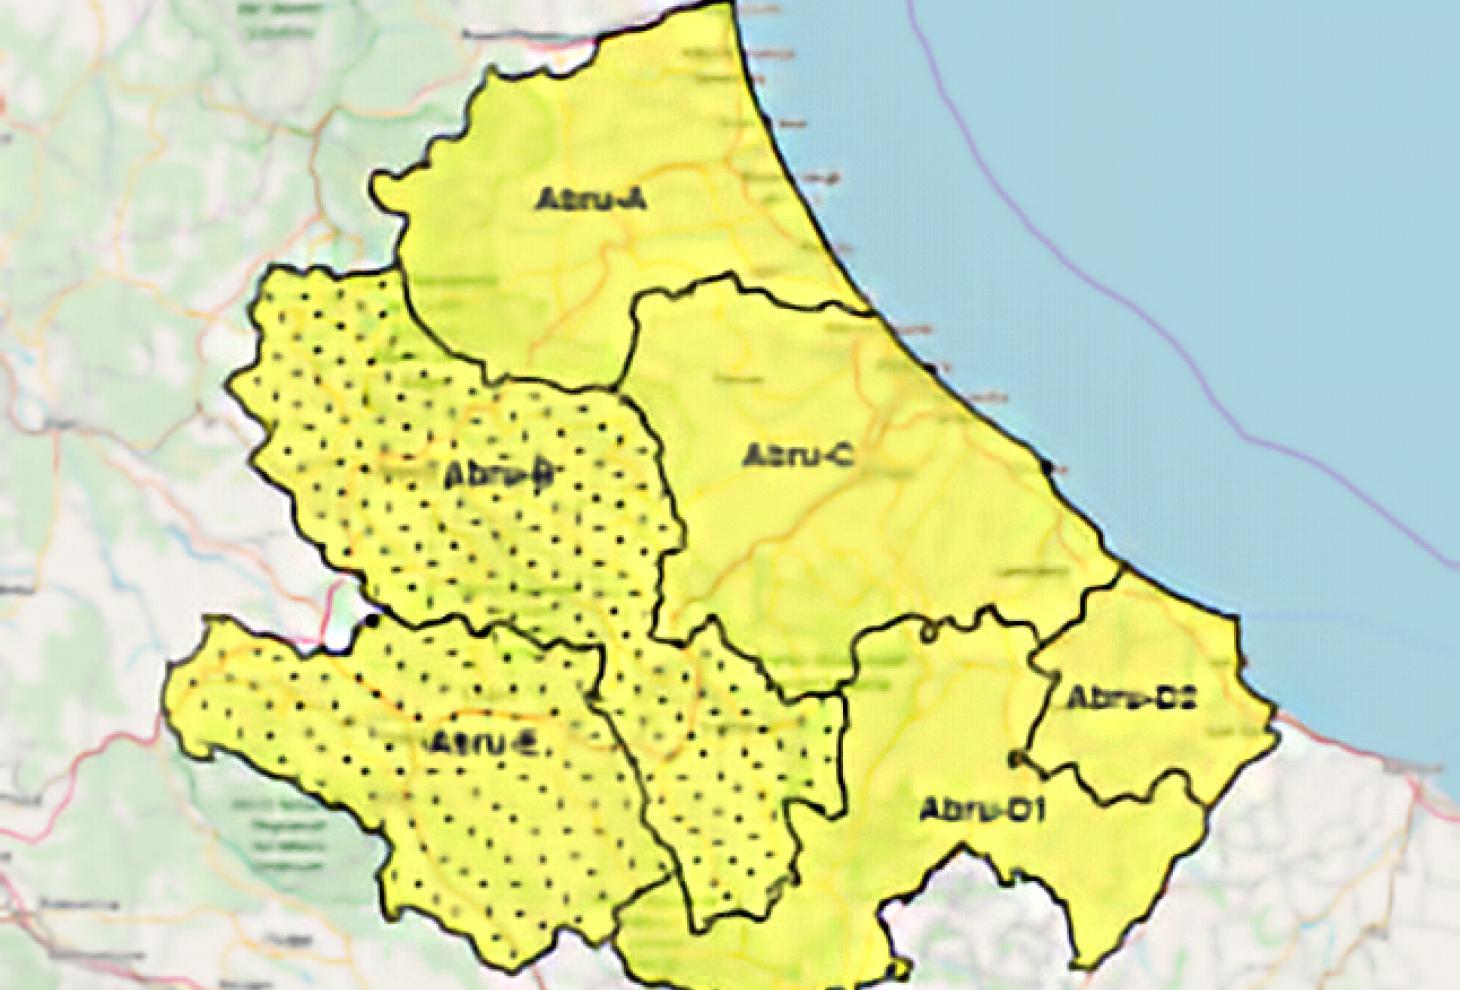 mappa regionale